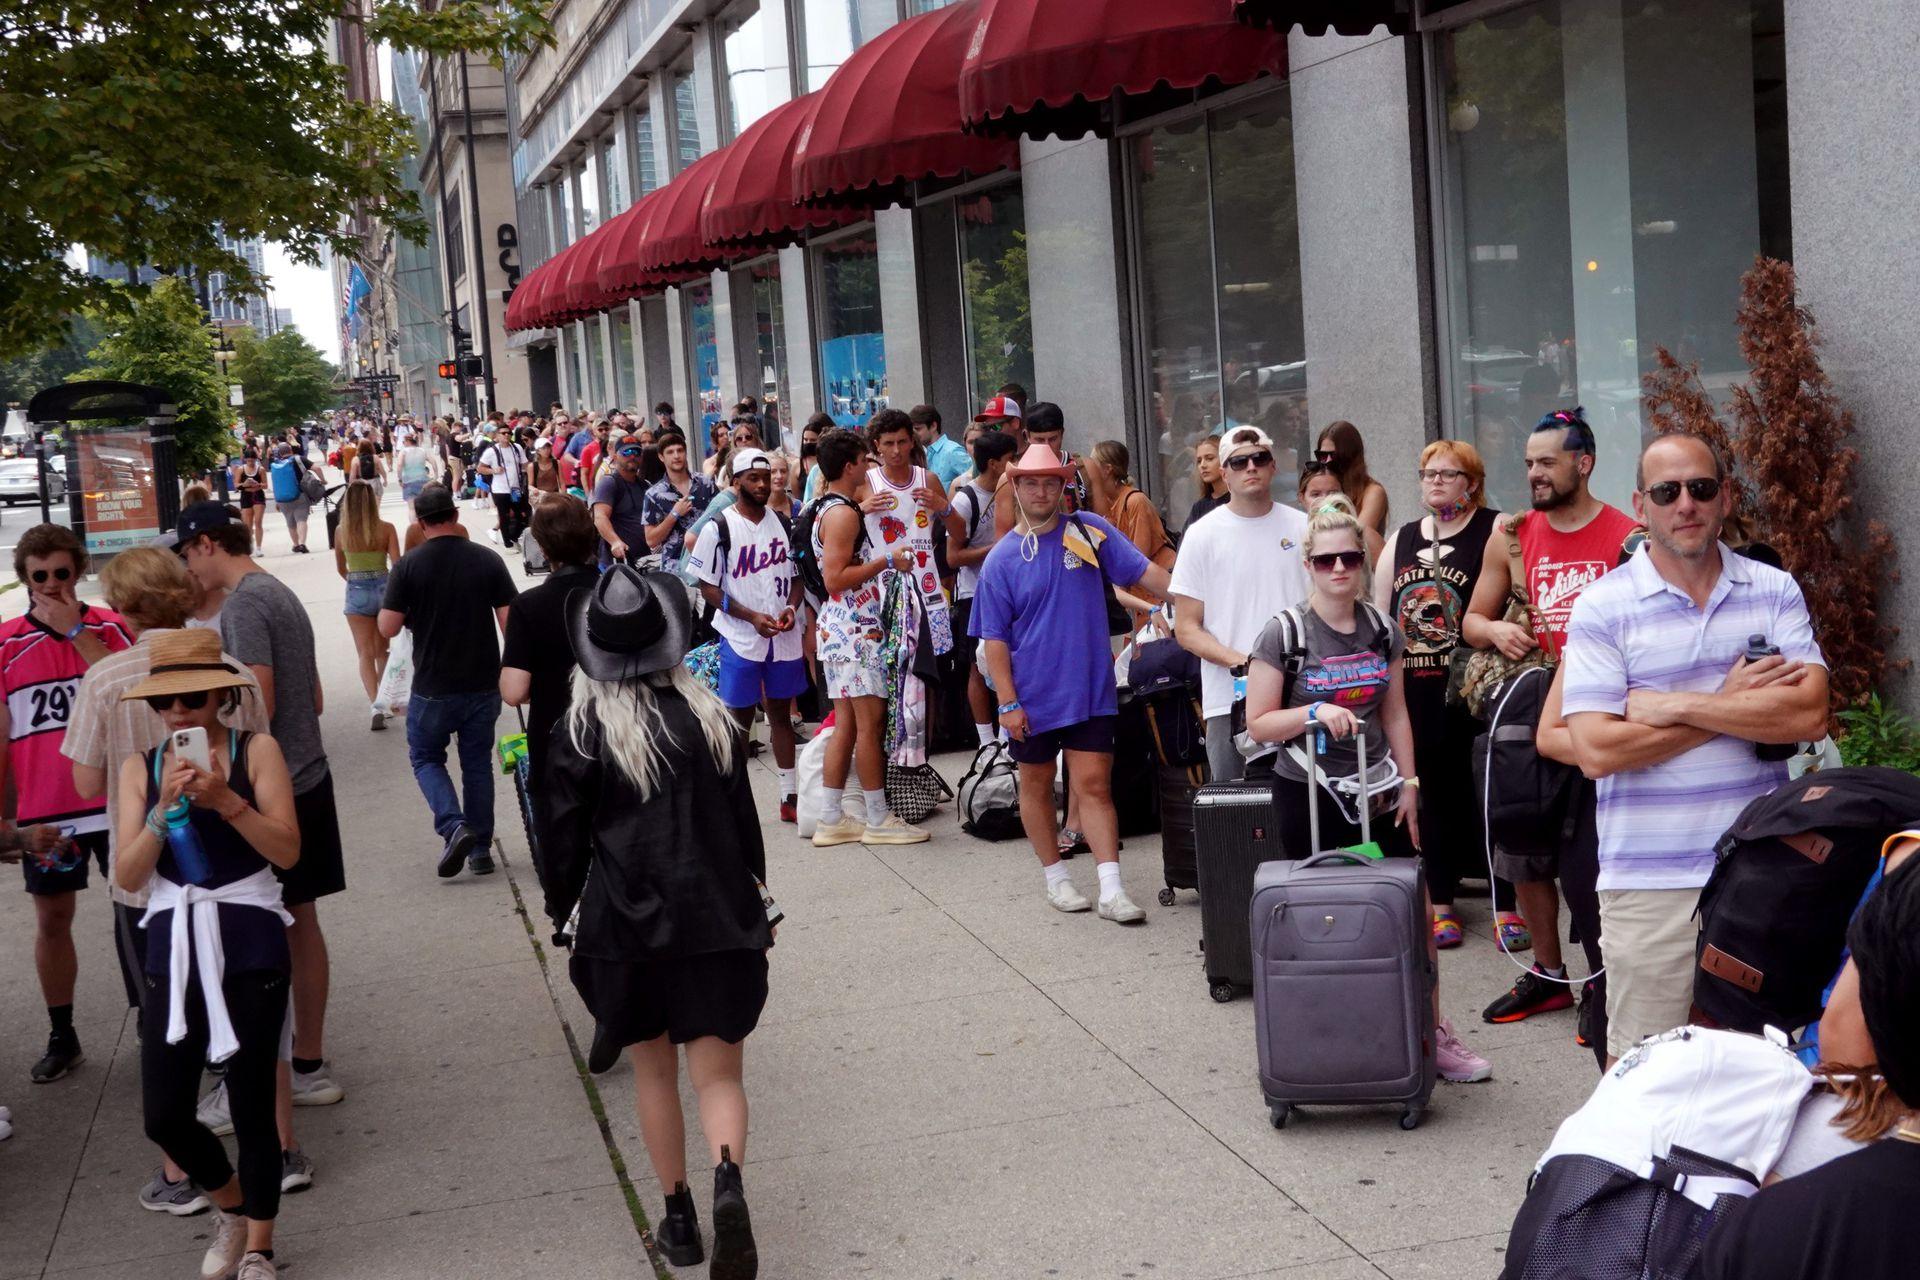 Grandes filas para registrarse en el Congress Plaza Hotel frente al festival de música Lollapalooza en Chicago